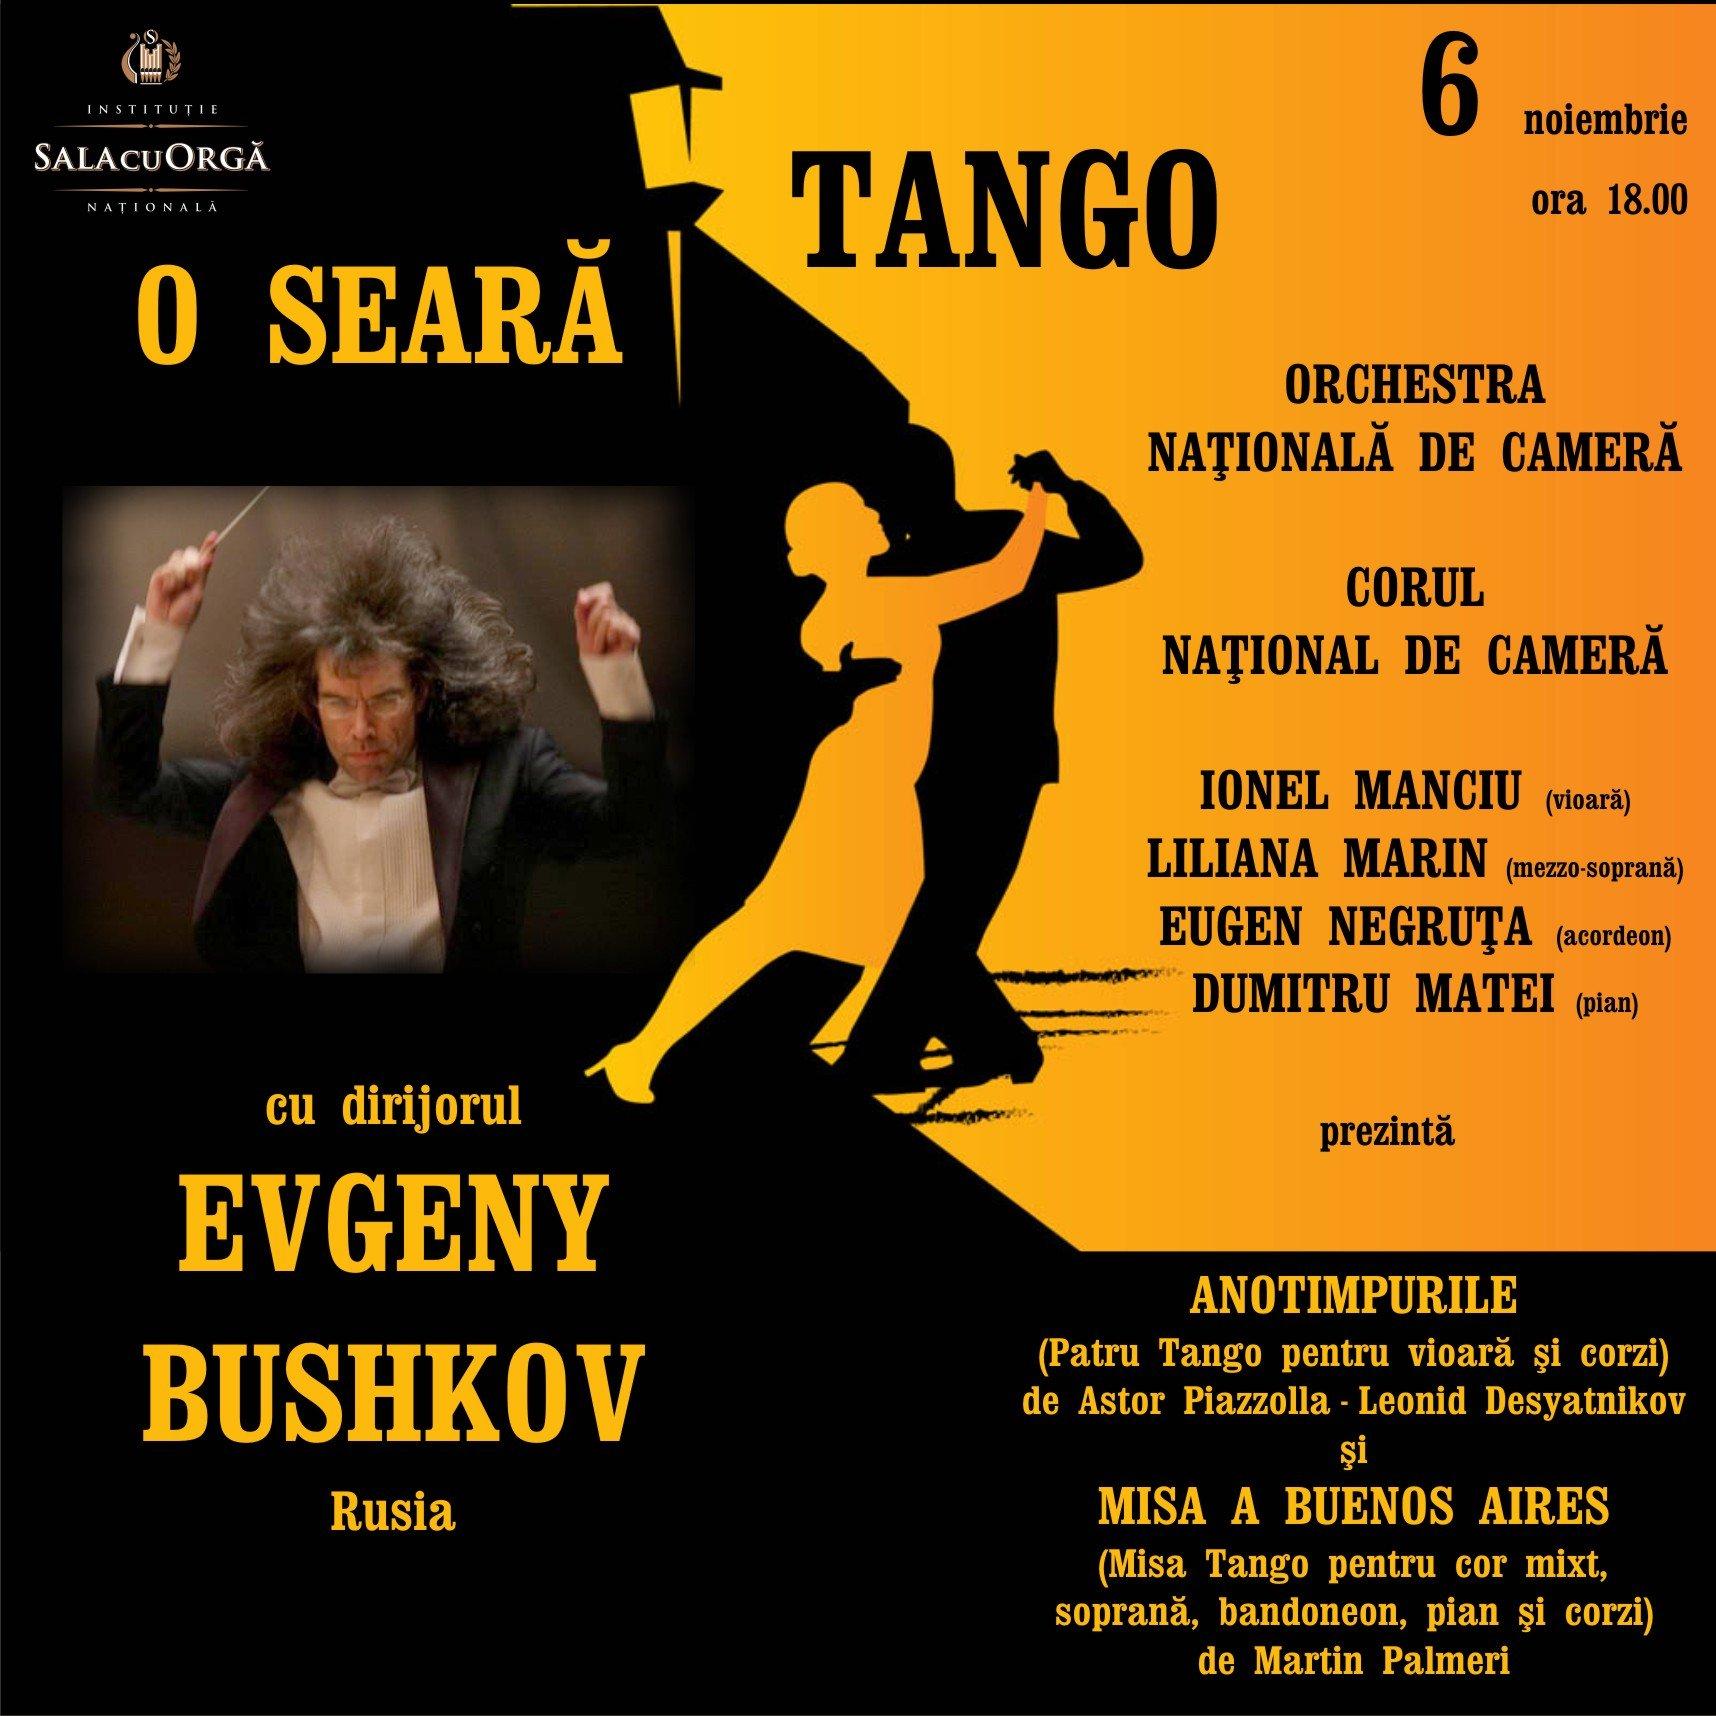 O seara de Tango